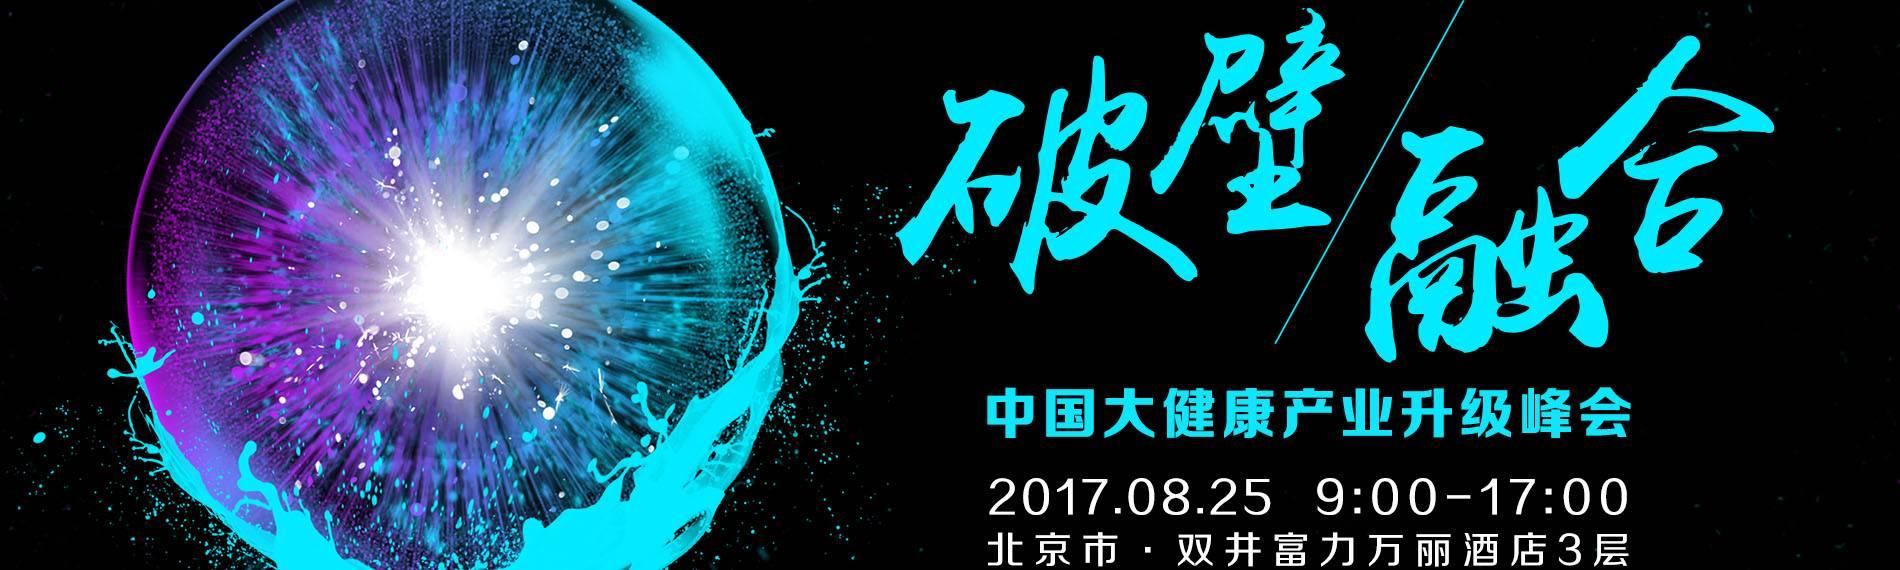 破壁·融合 2017中国大健康产业升级峰会